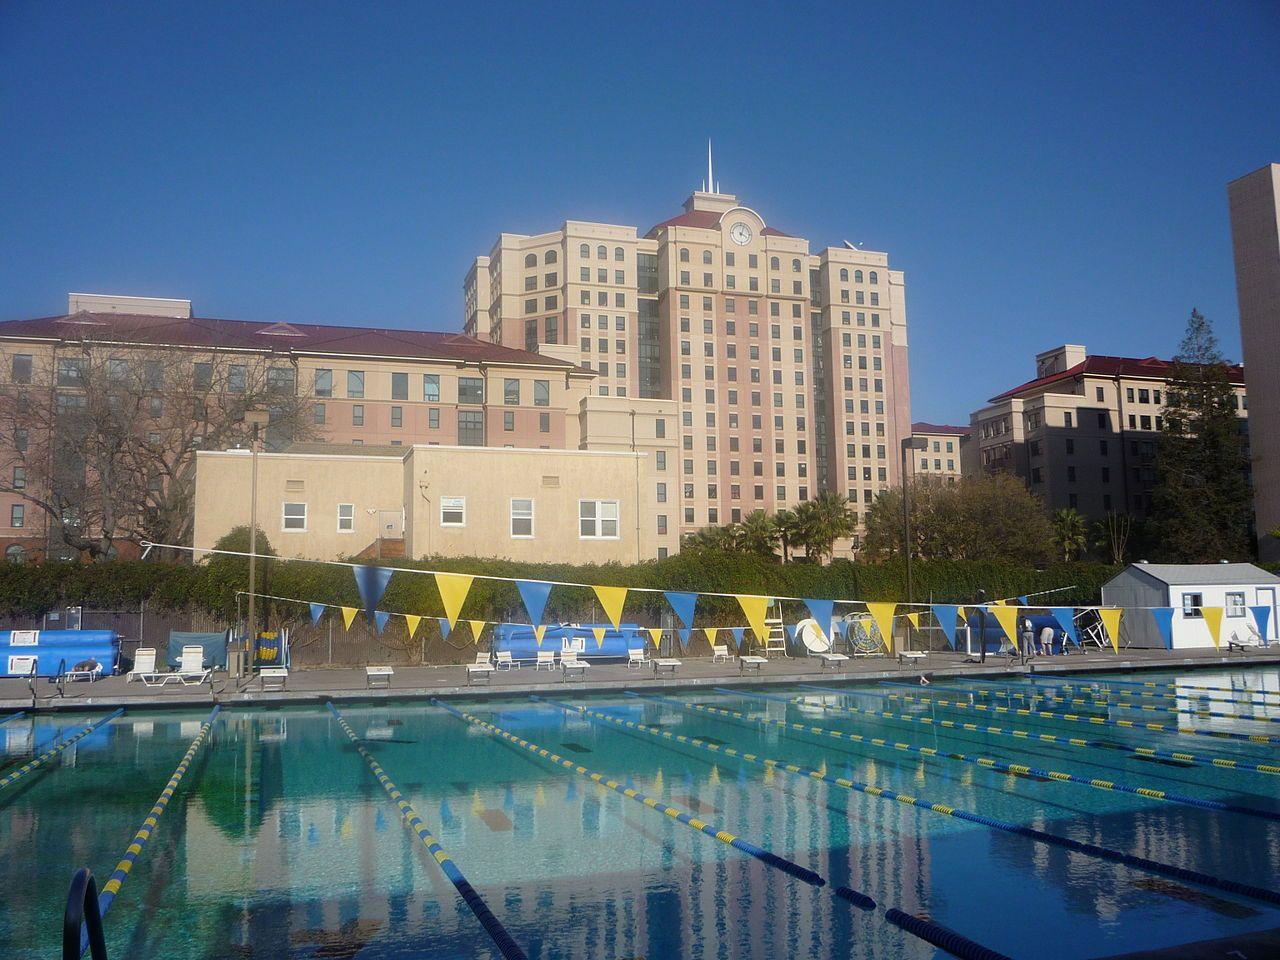 Sjsu aquatic center sjsu pinterest san jose state - San jose state university swimming pool ...